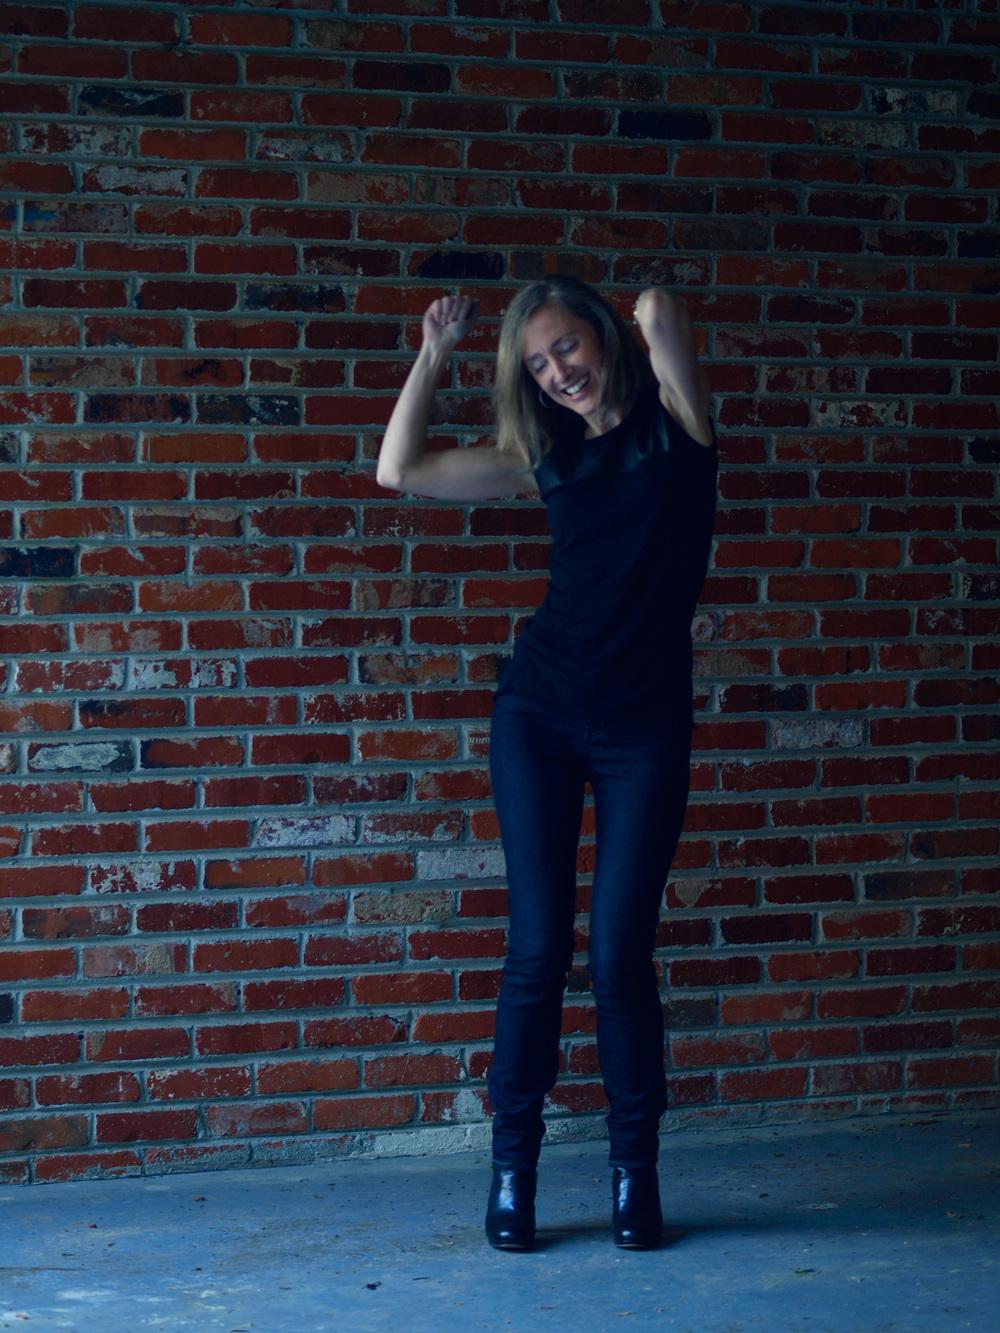 dancing 5 2.jpg